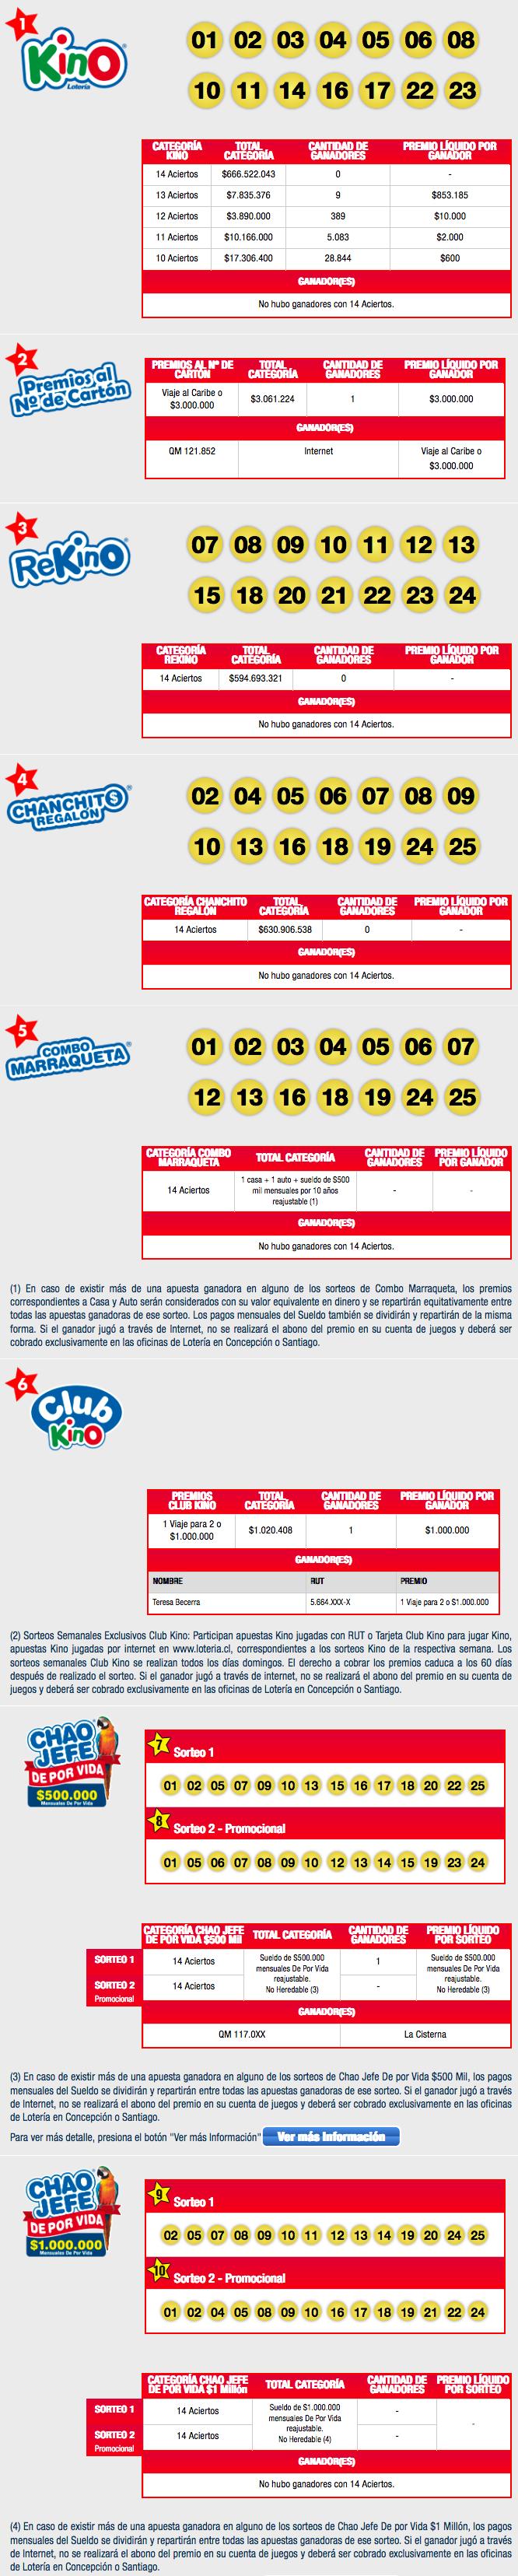 Resultados Kino Chile Sorteo 2114